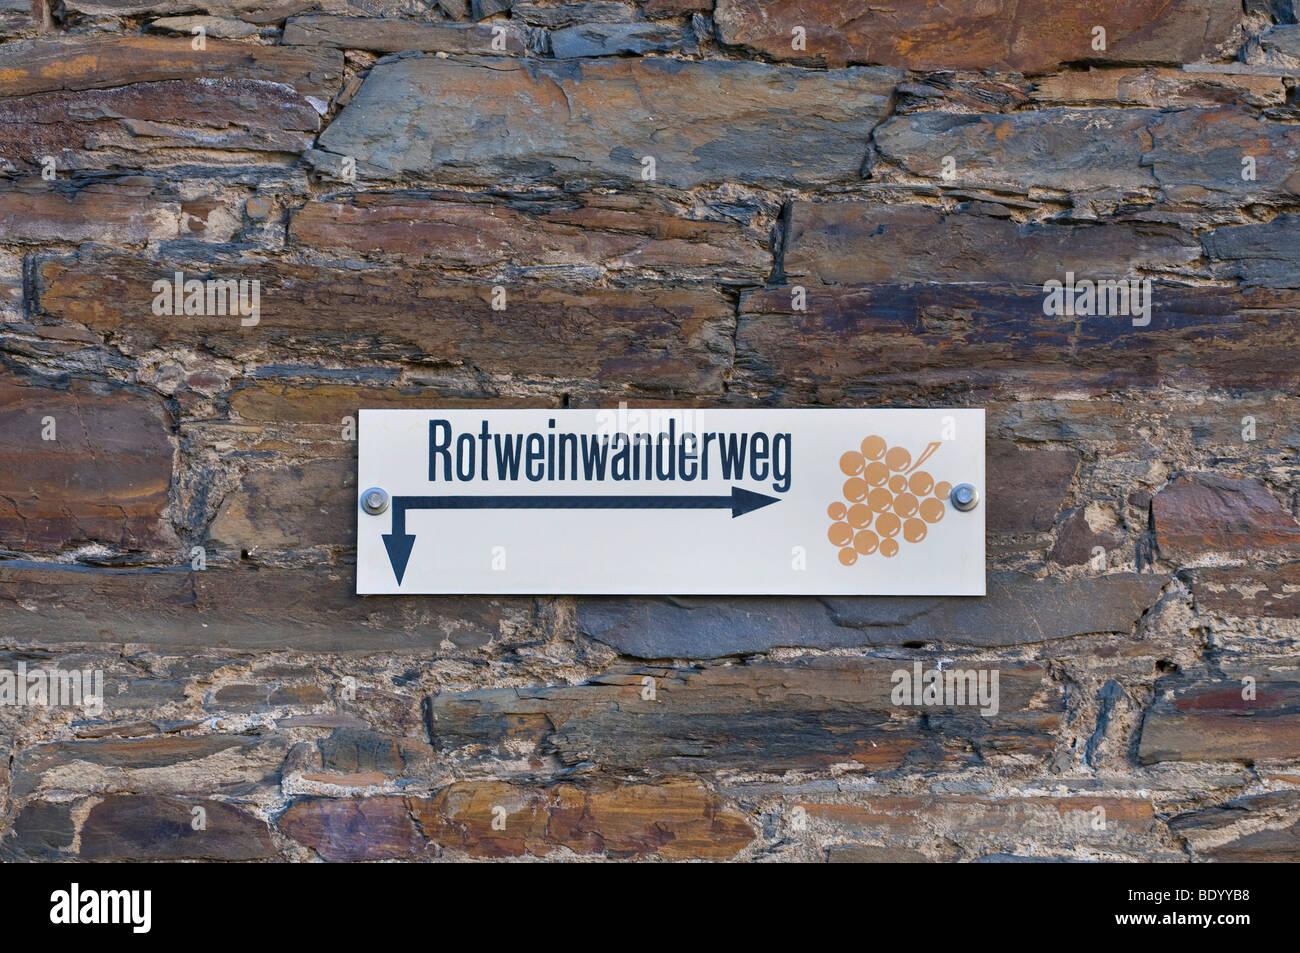 Guida Rotweinwanderweg, vino rosso sentiero nella valle dell'Ahr, Renania-Palatinato, Germania, Europa Immagini Stock